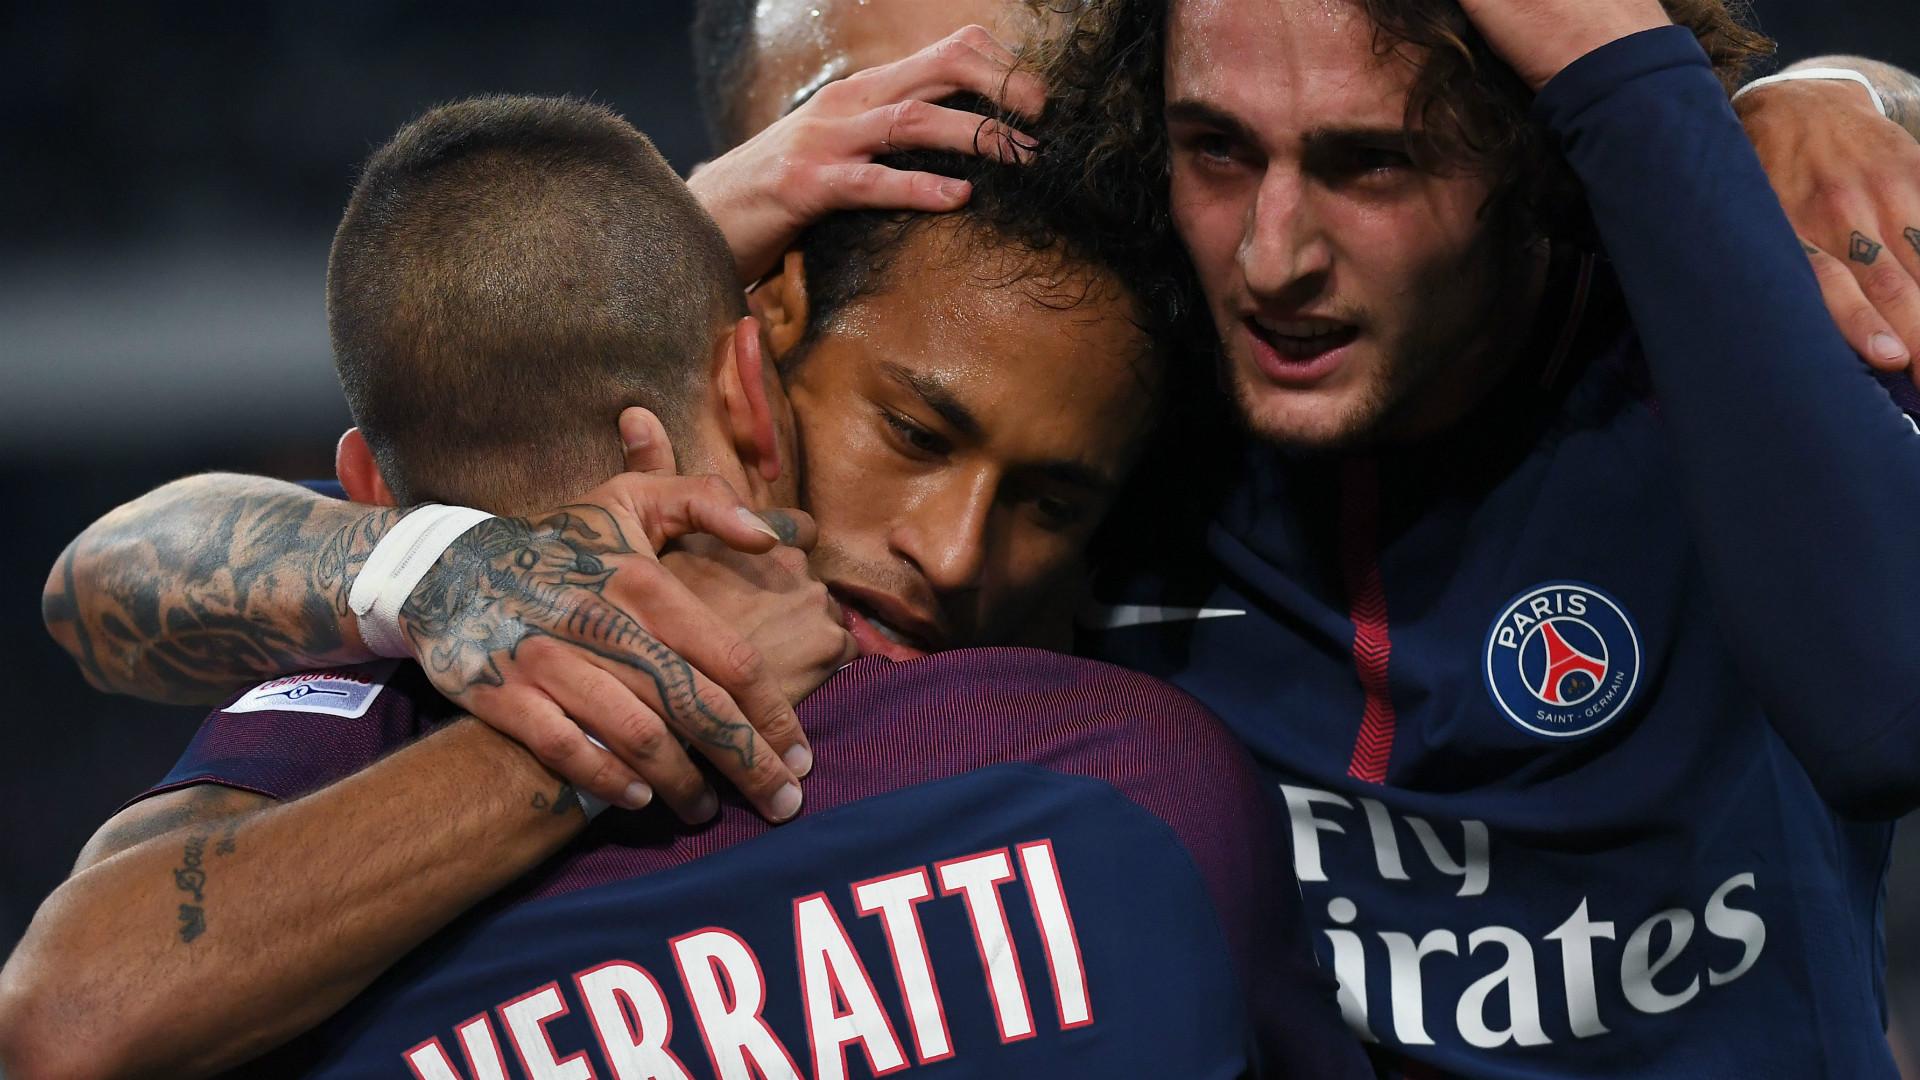 Neymar-psg-paris-saint-germain_191h39p1vboi51ig6szw0eb000